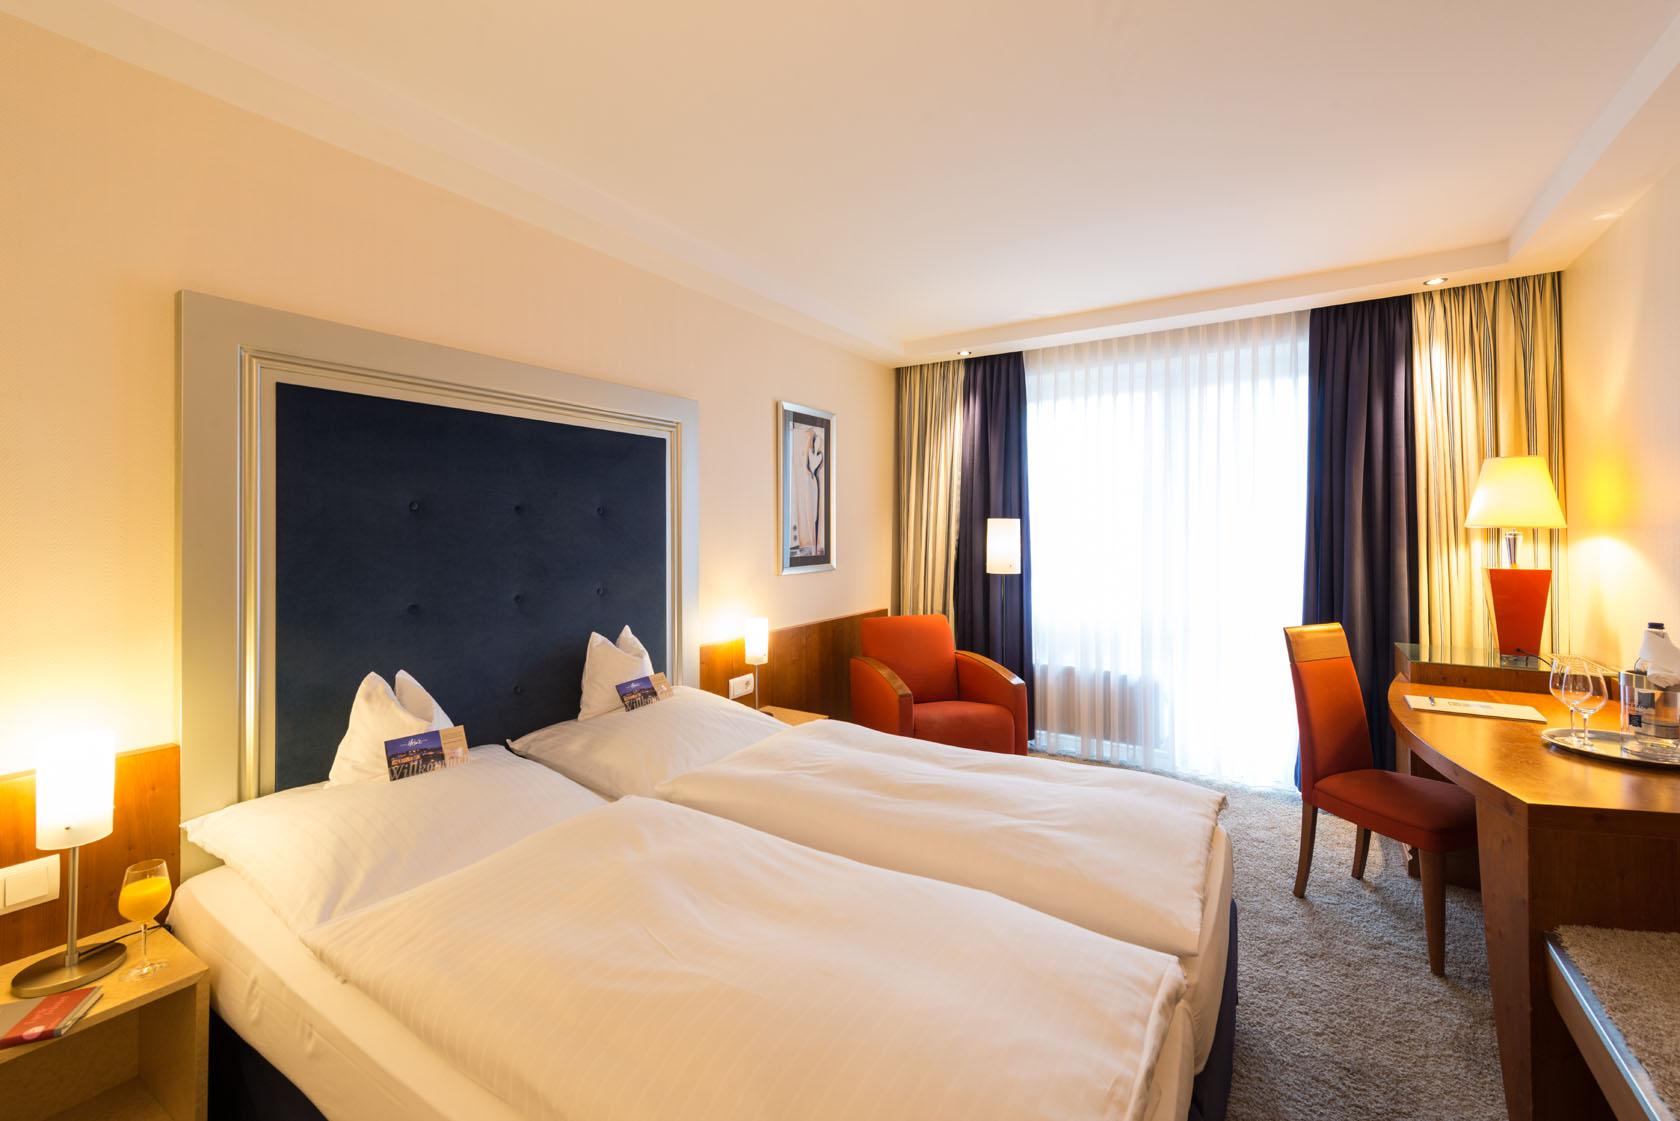 hotel heinz in h hr grenzhausen holidaycheck rheinland pfalz deutschland. Black Bedroom Furniture Sets. Home Design Ideas